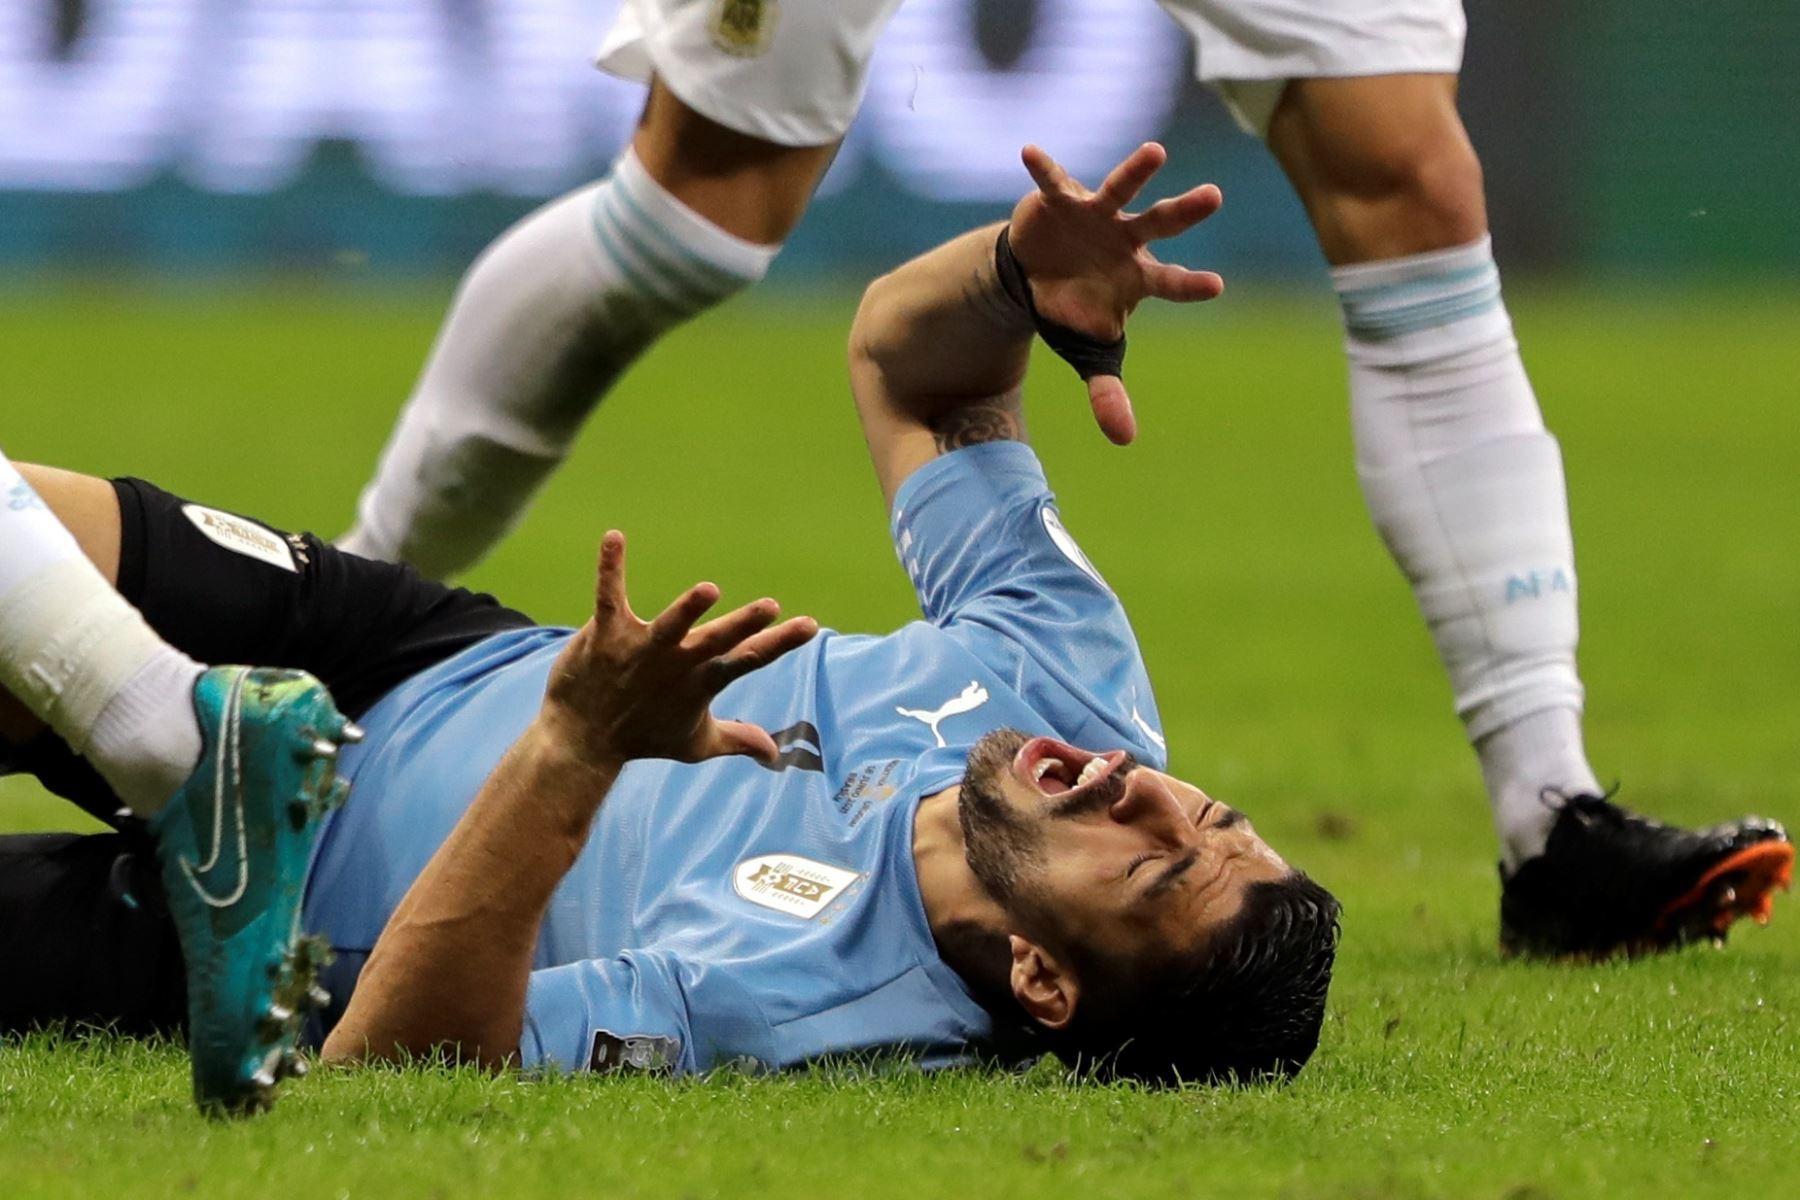 Luis Suárez de Uruguay reacciona durante un partido por el grupo A de la Copa América, en el estadio Mané Garrincha, en Brasil. Foto: EFE